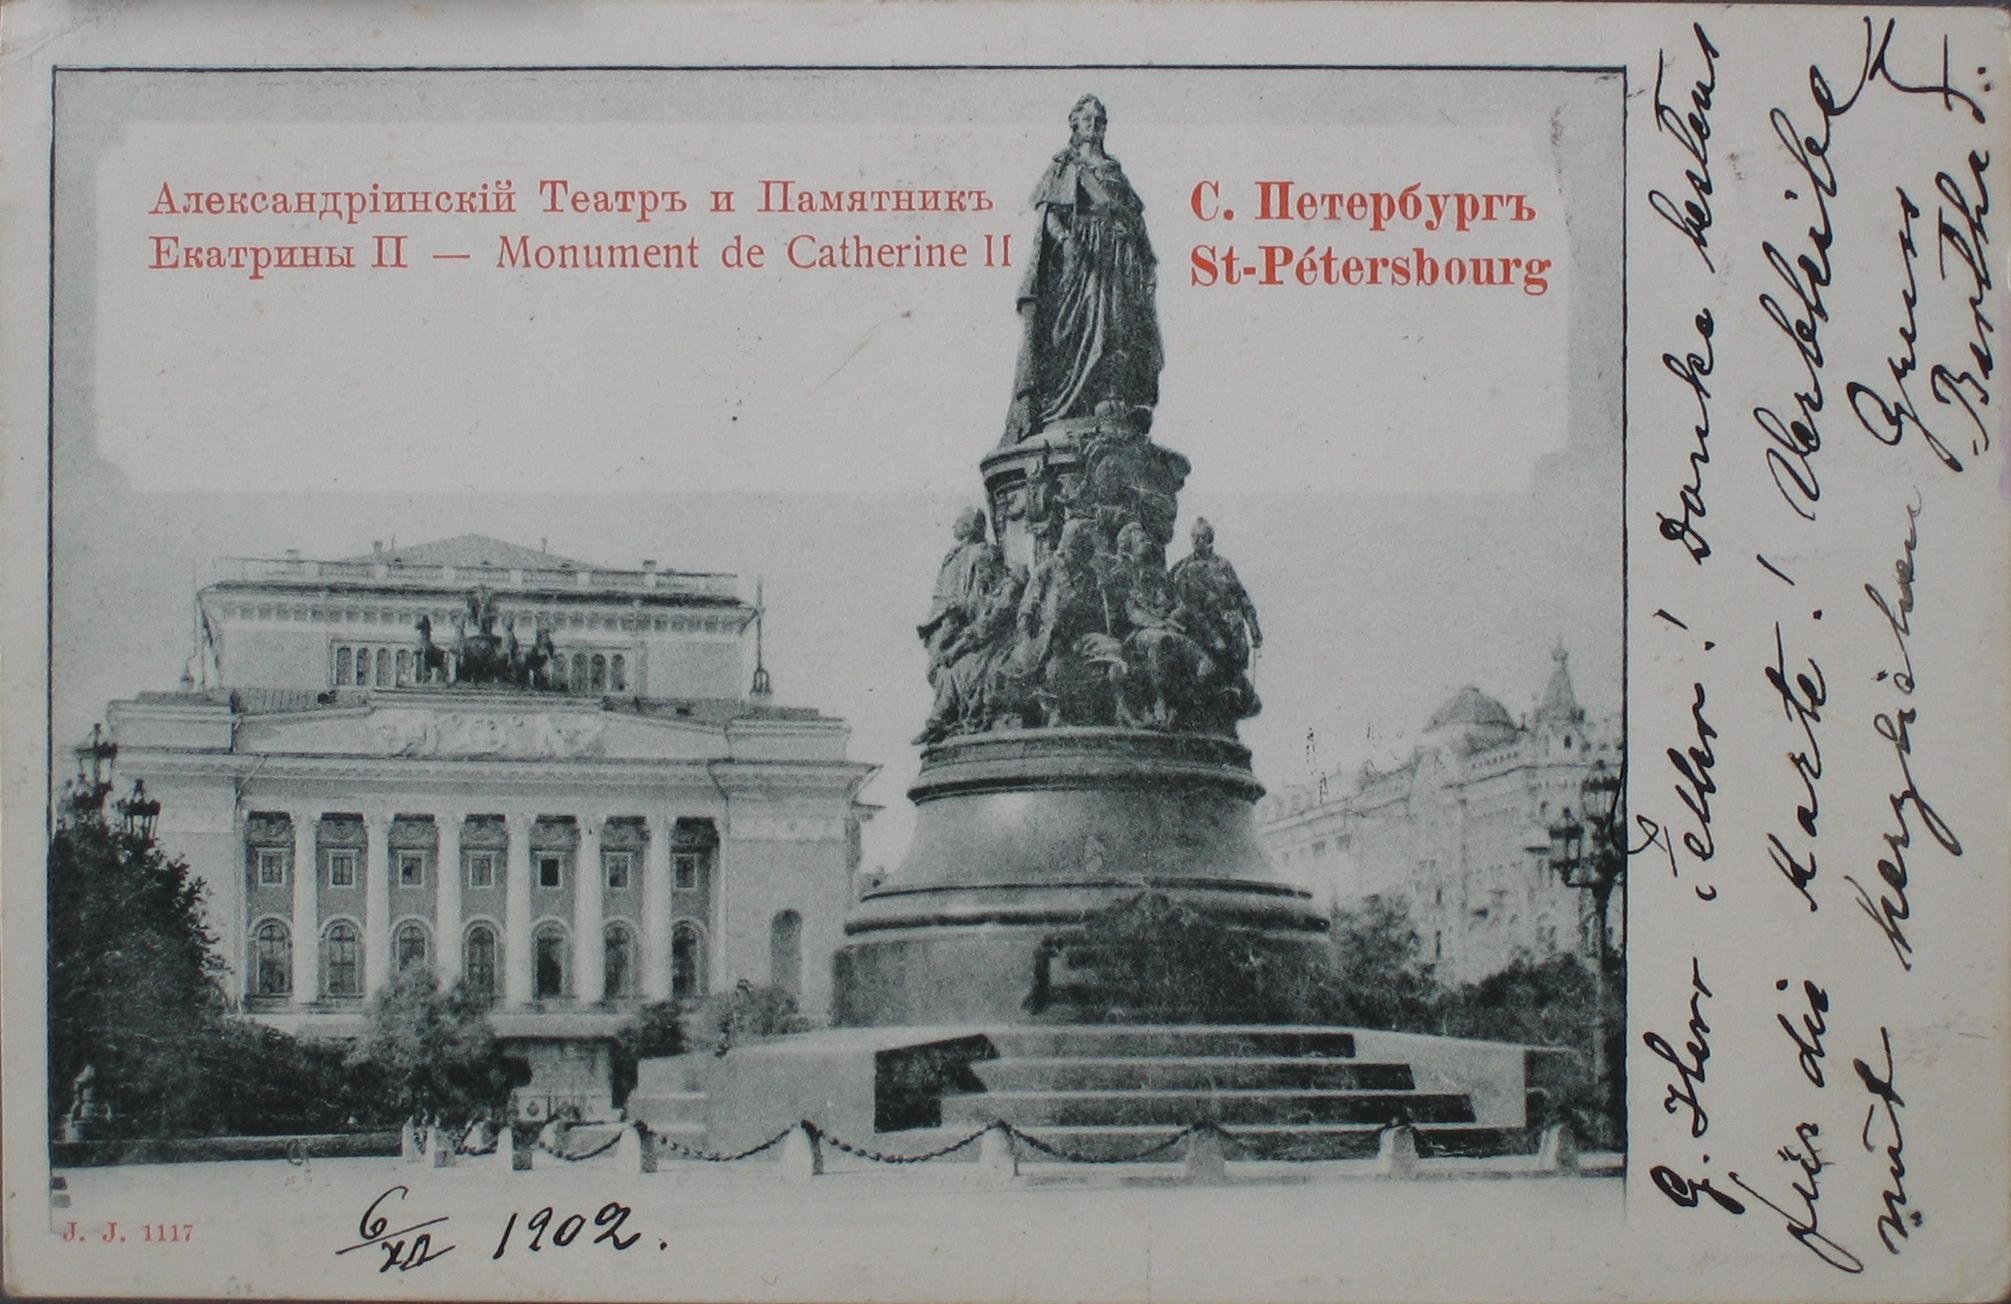 Александринский театр и памятник Екатерины II